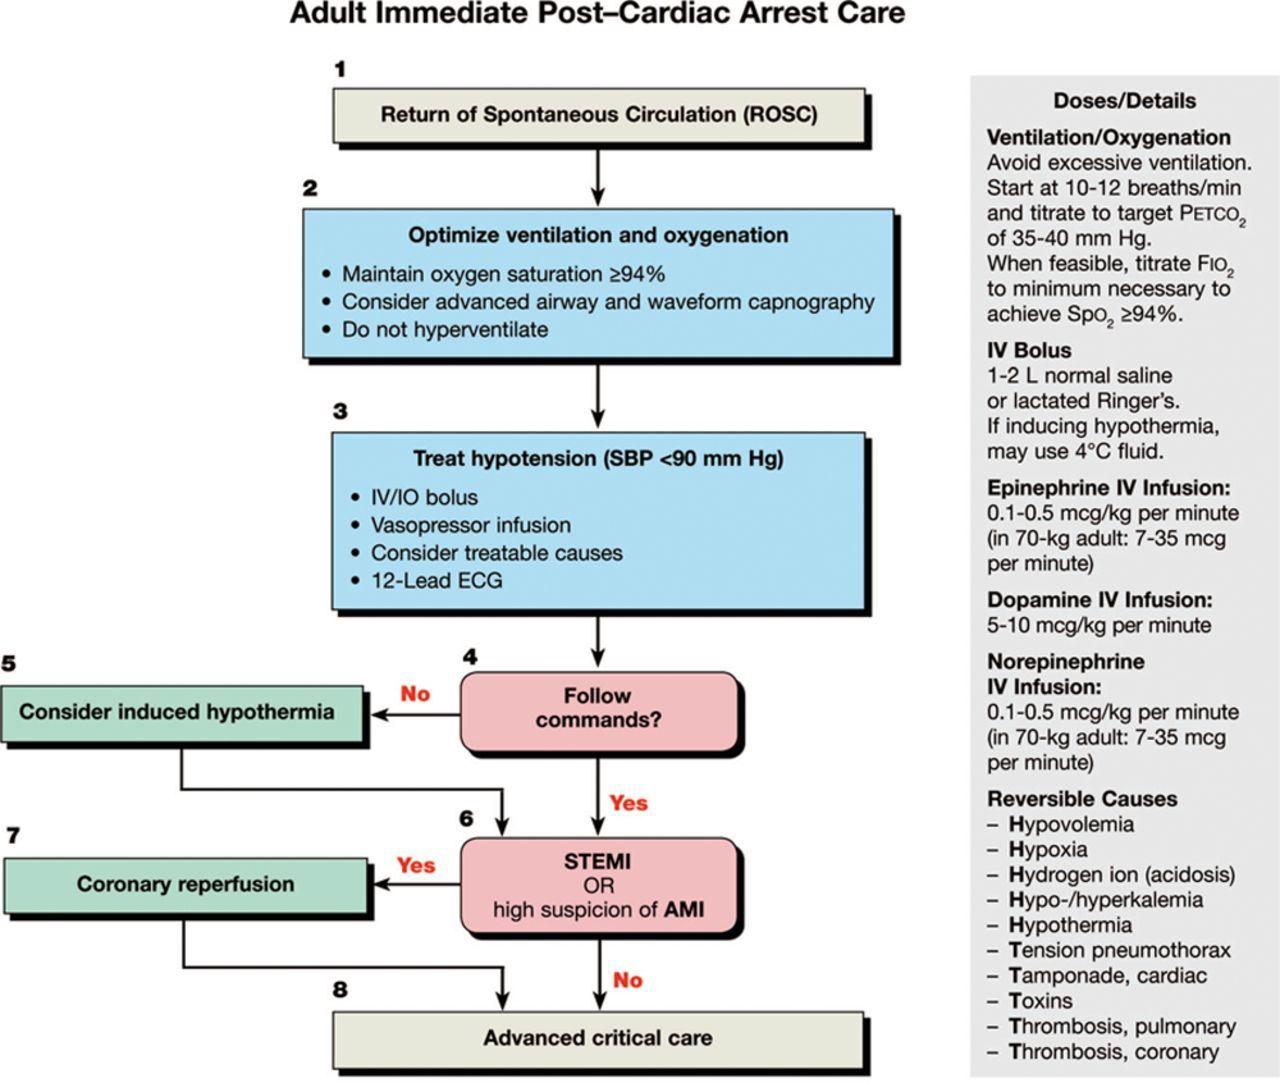 American Heart Association postcardiac arrest care